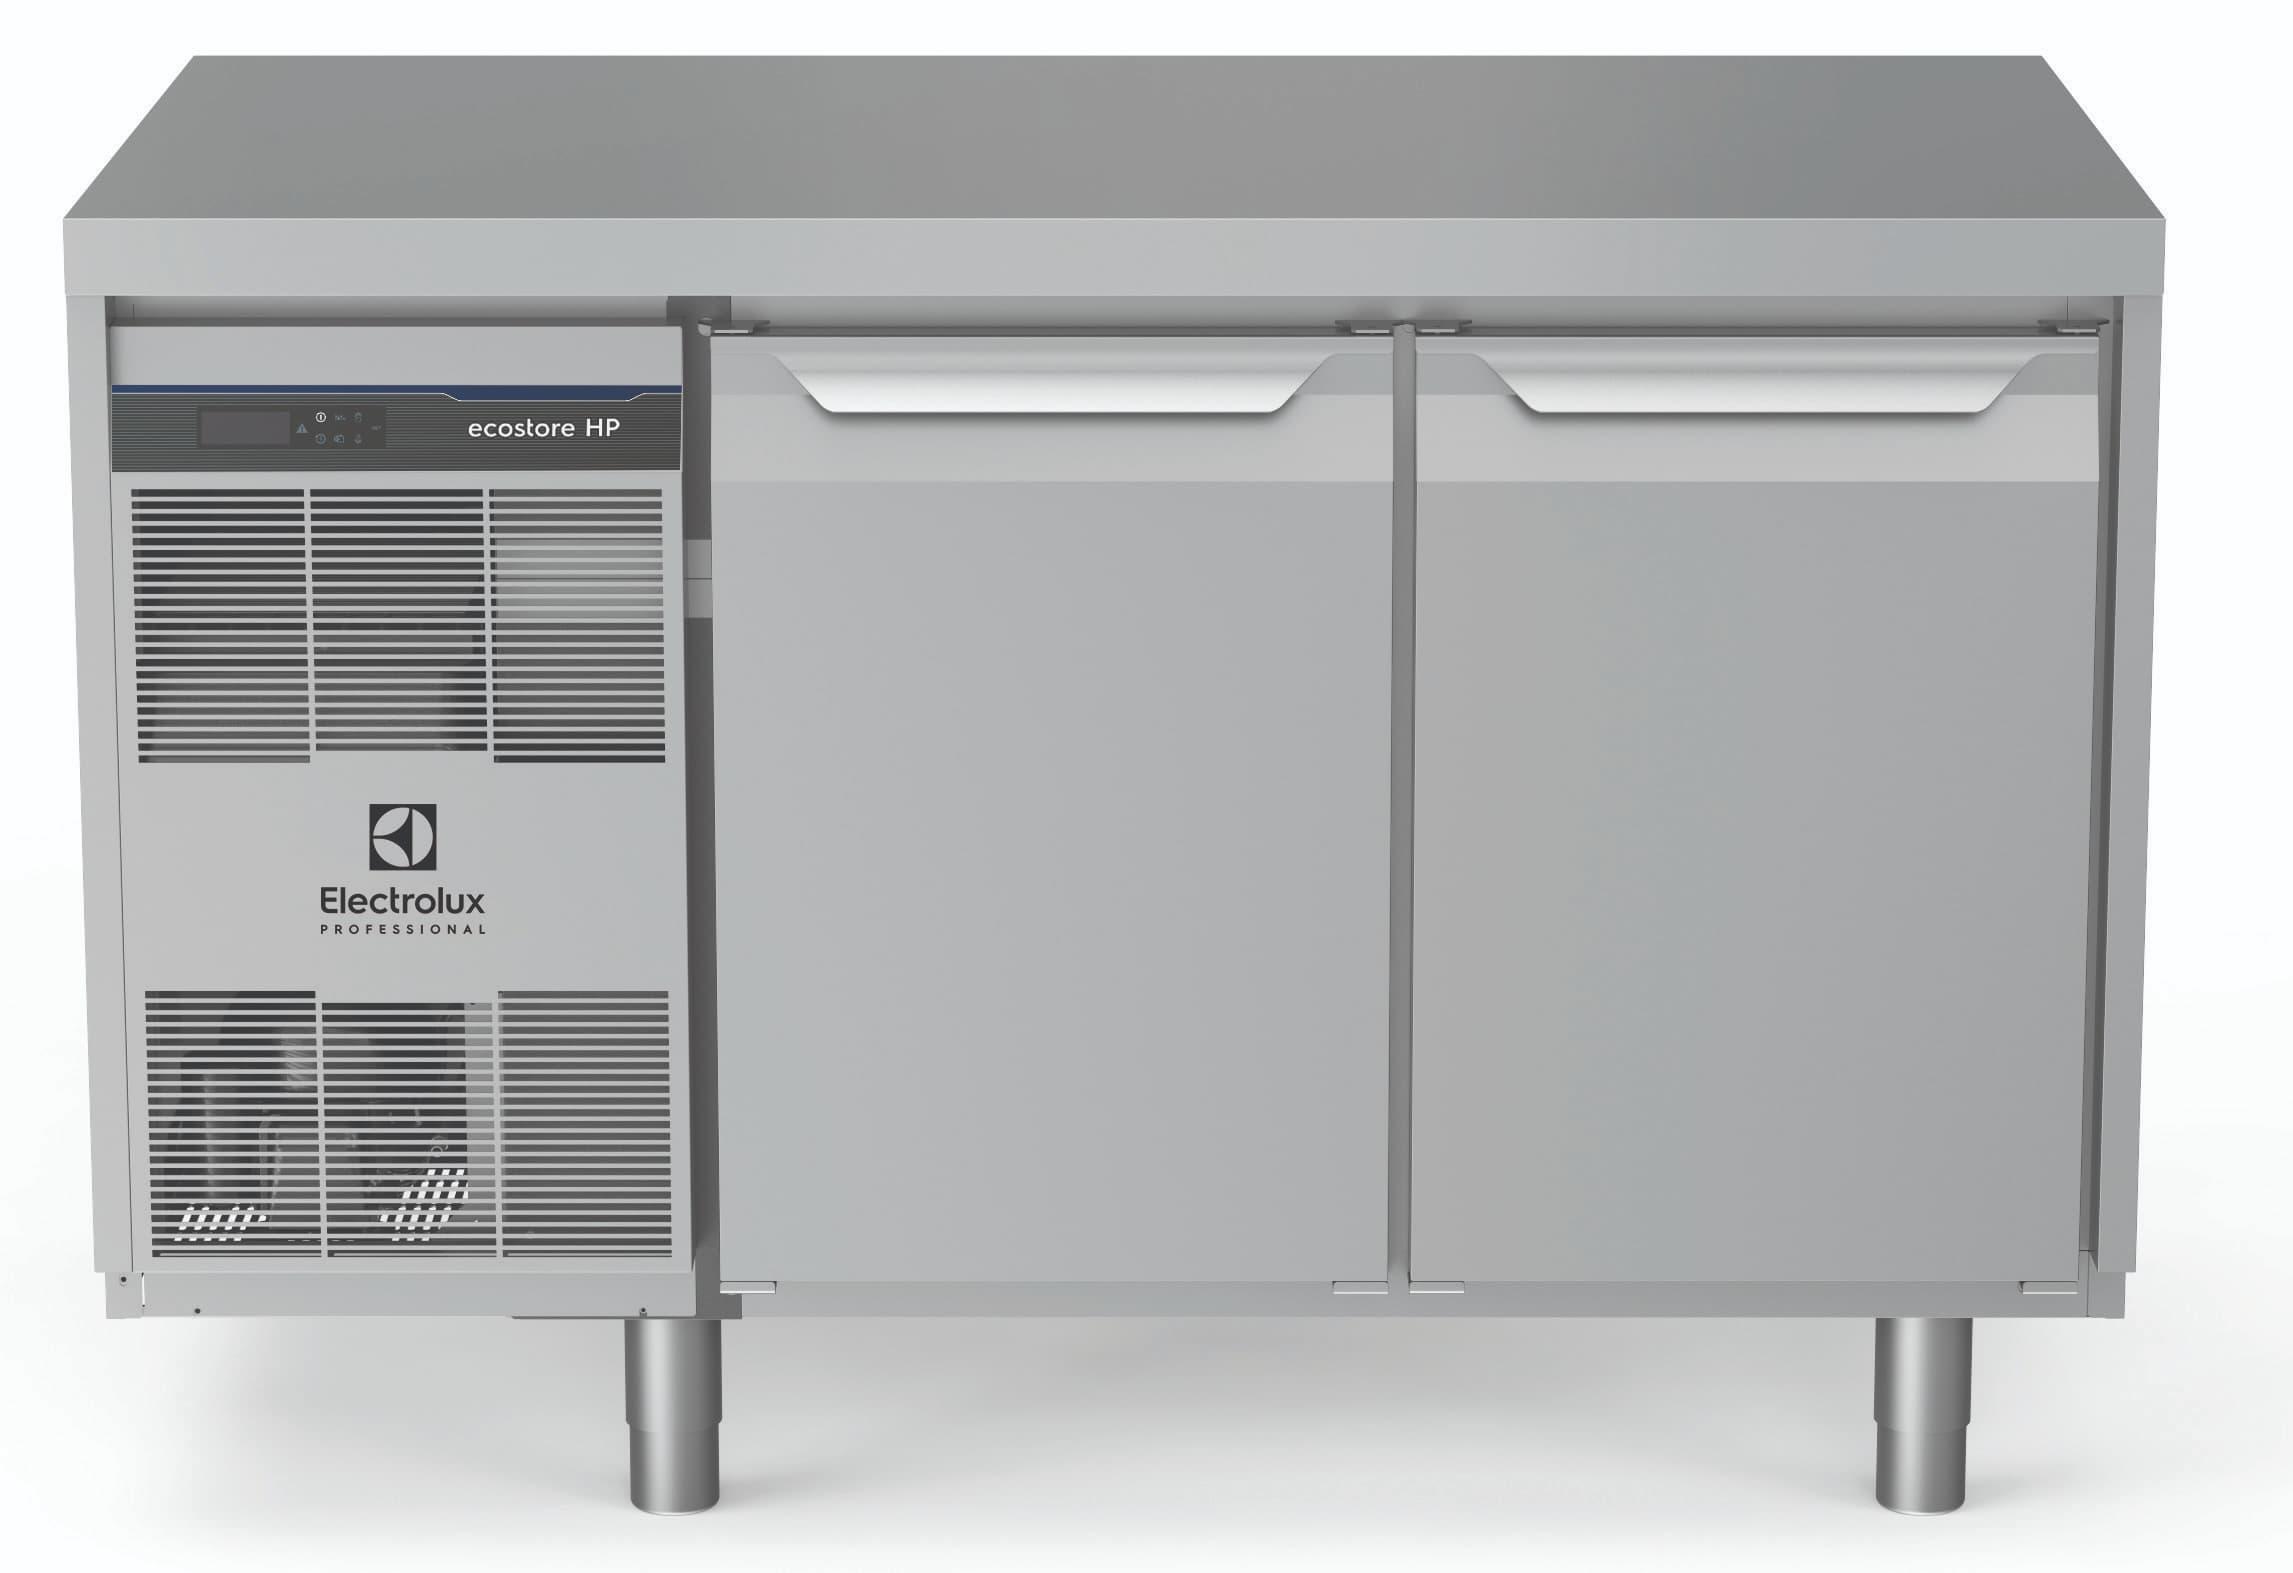 electrolux ecostore HP premium kølediske - 2 fag med topplade